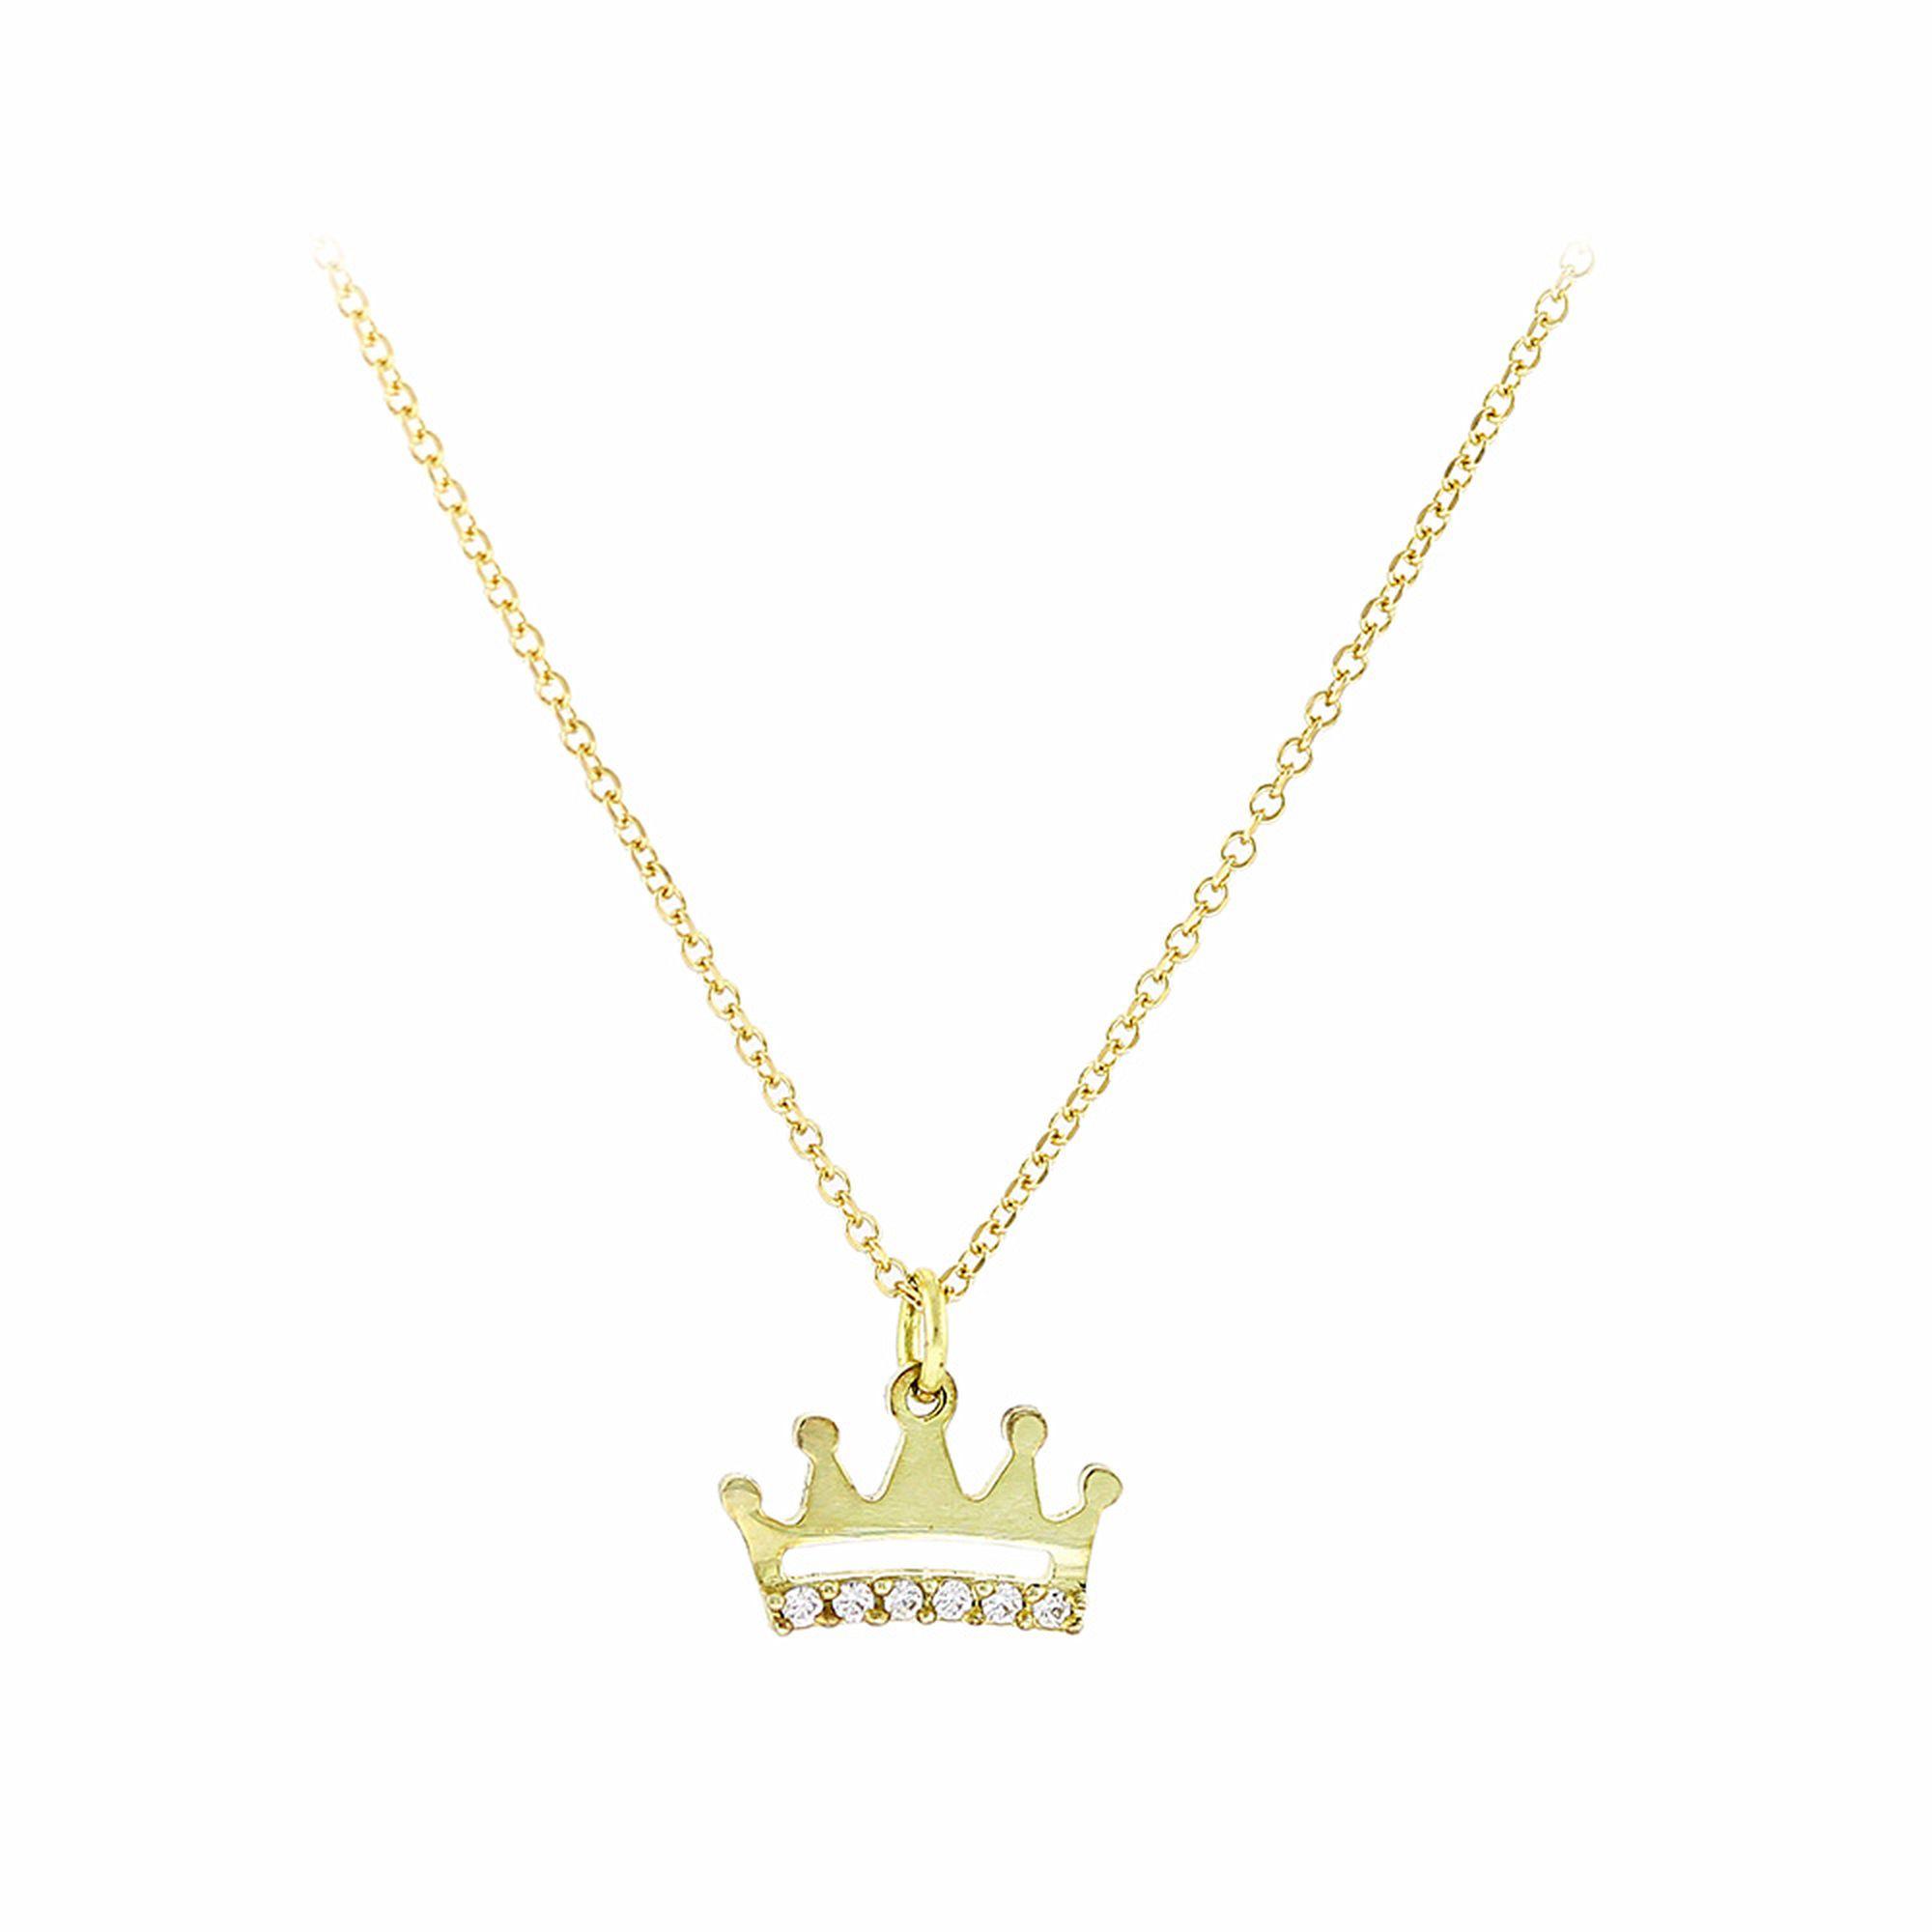 Χρυσό Κολιέ με Κορώνα και Πέτρες 9 Καράτια